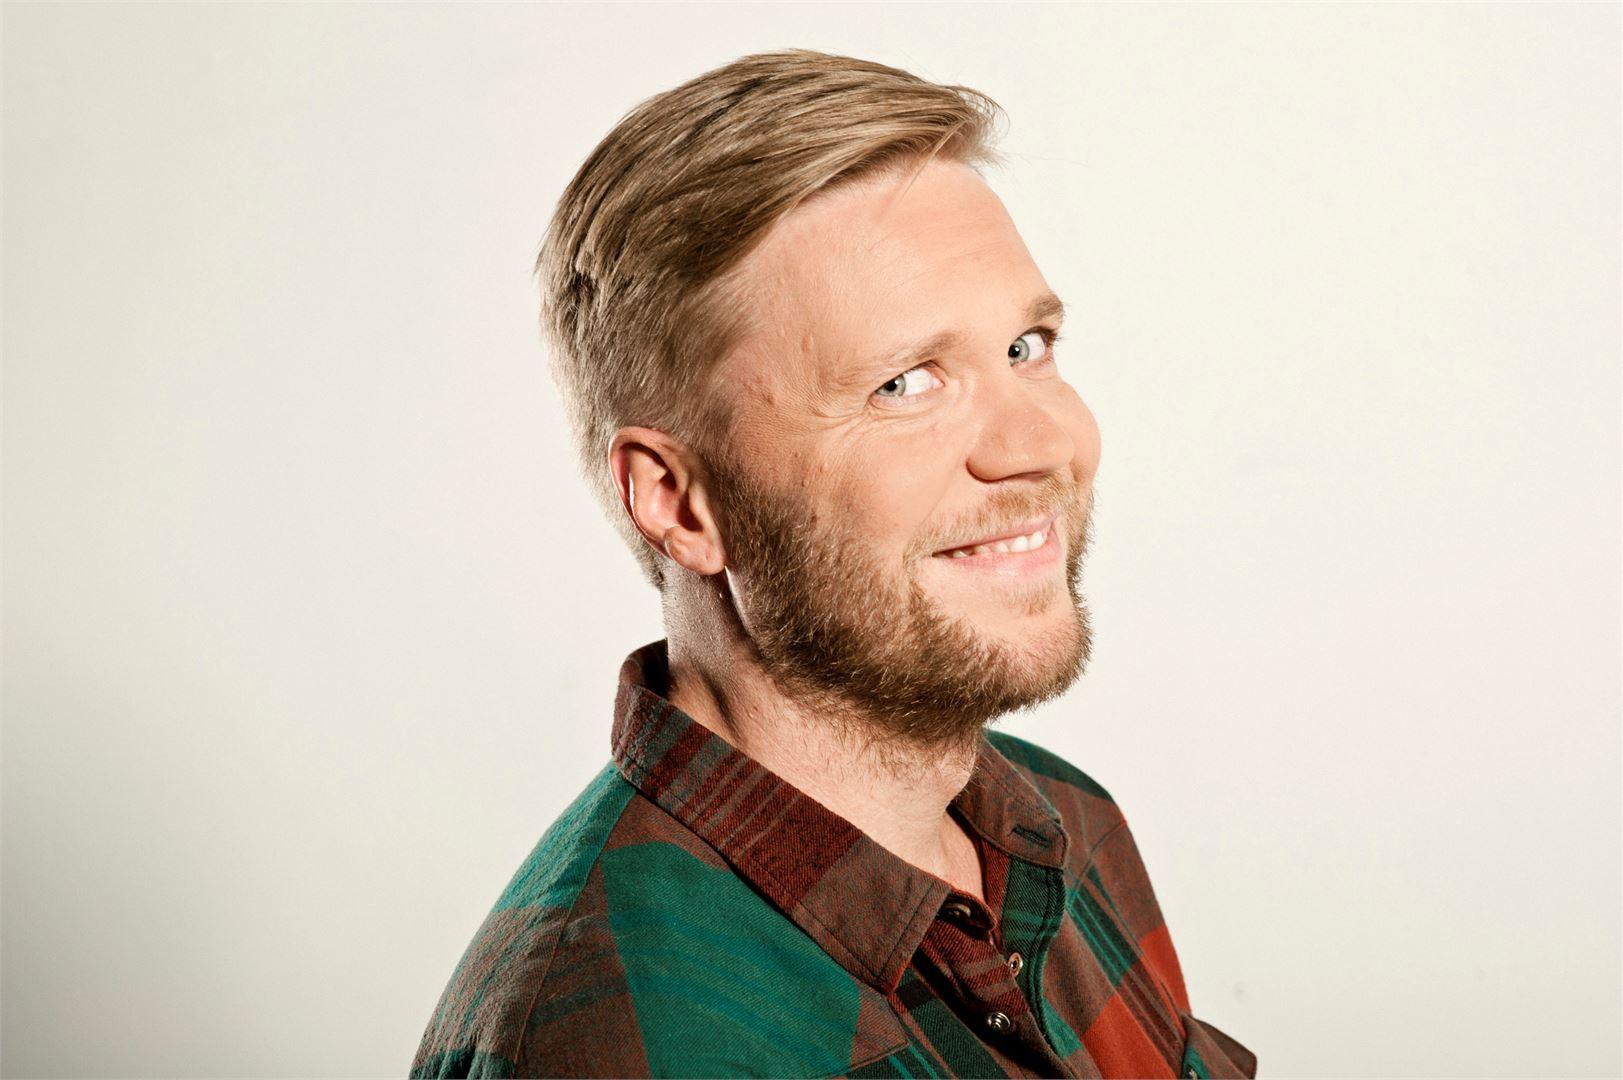 Kioskin vastaava tuottaja Antti Hirvonen uskoo, ettei juttujen keveys syö niiden luotettavuutta. Kuva: Laura Pohjavirta.